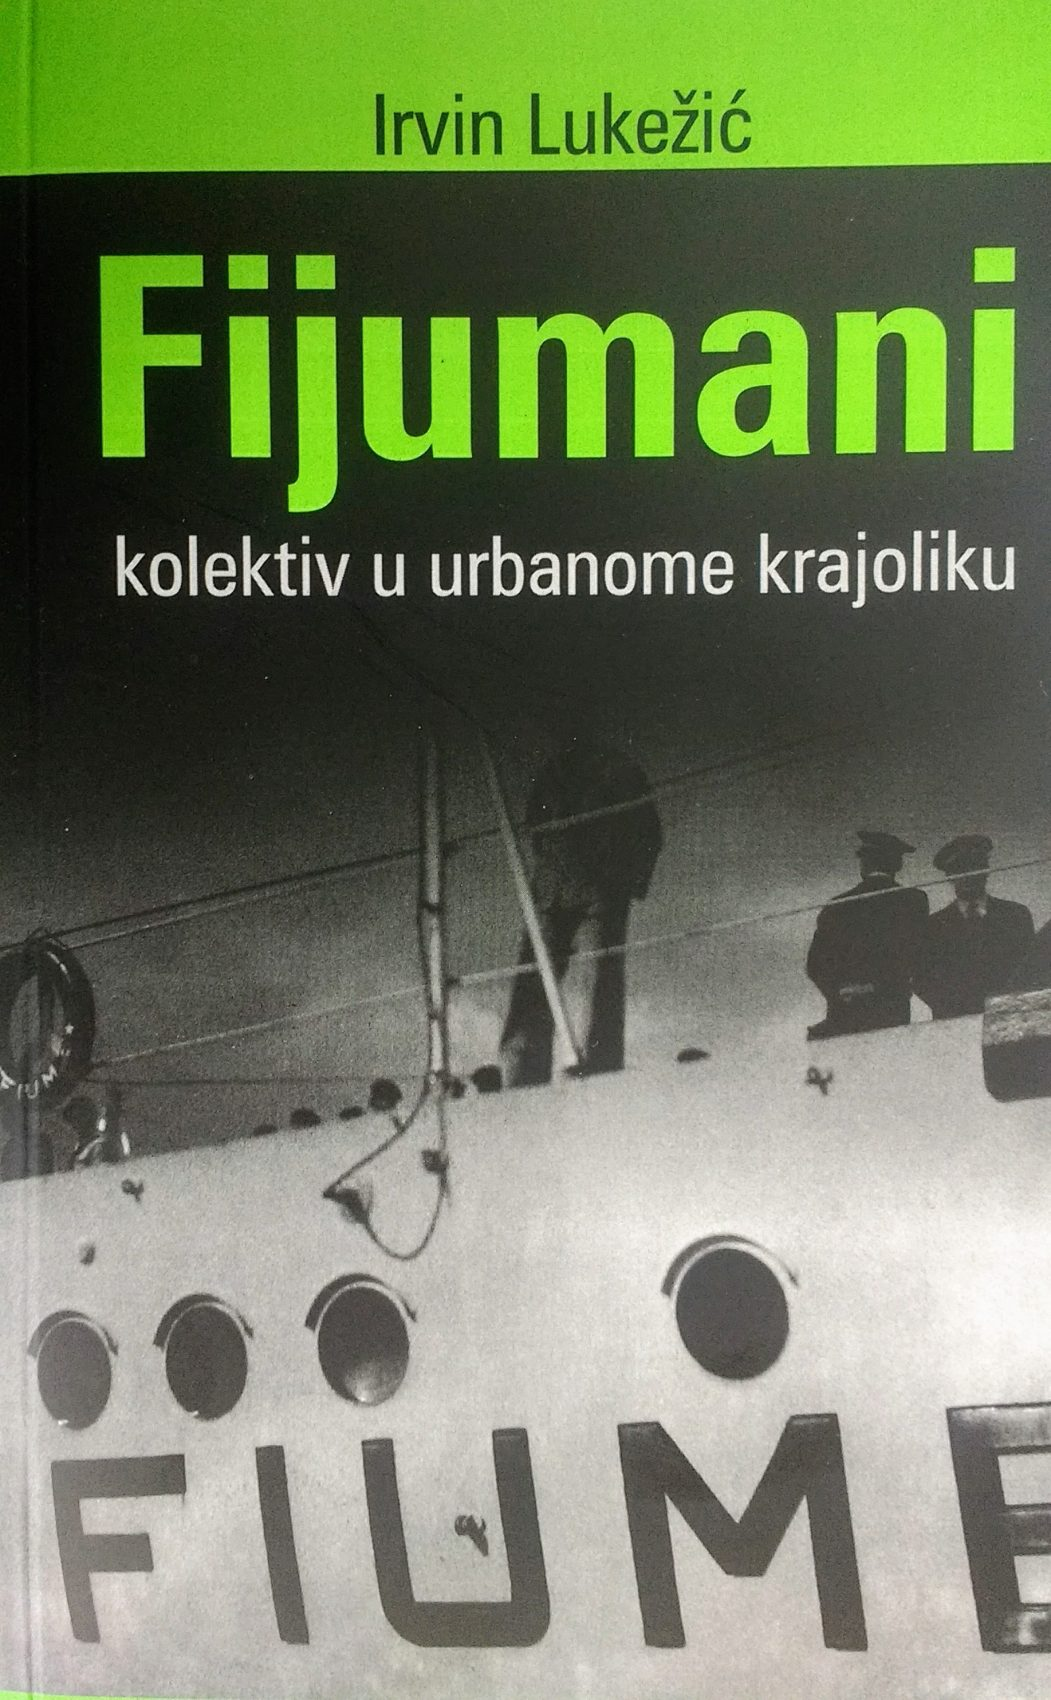 Irvin Lukežić: Fijumani – kolektiv u urbanom krajoliku